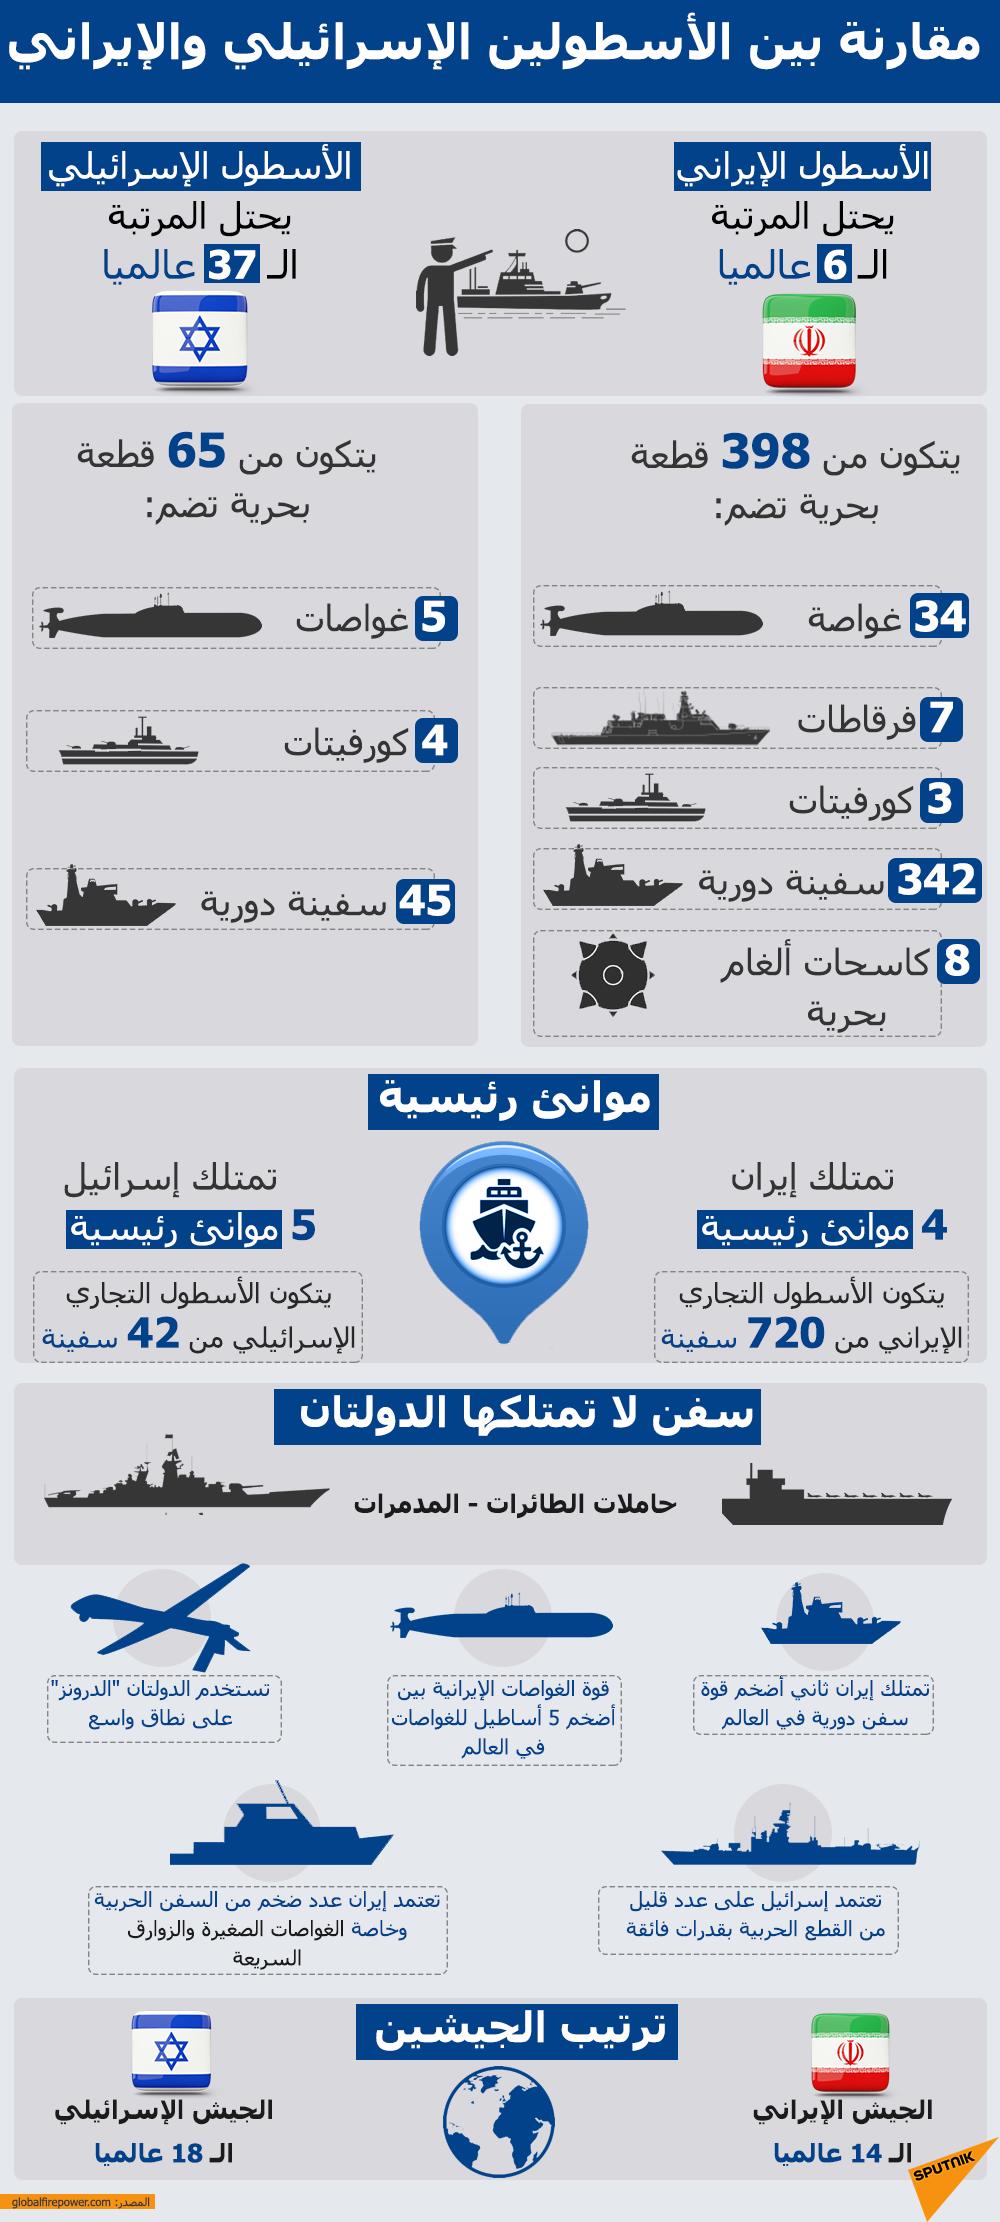 مقارنة بين الأسطولين الإسرائيلي والإيراني